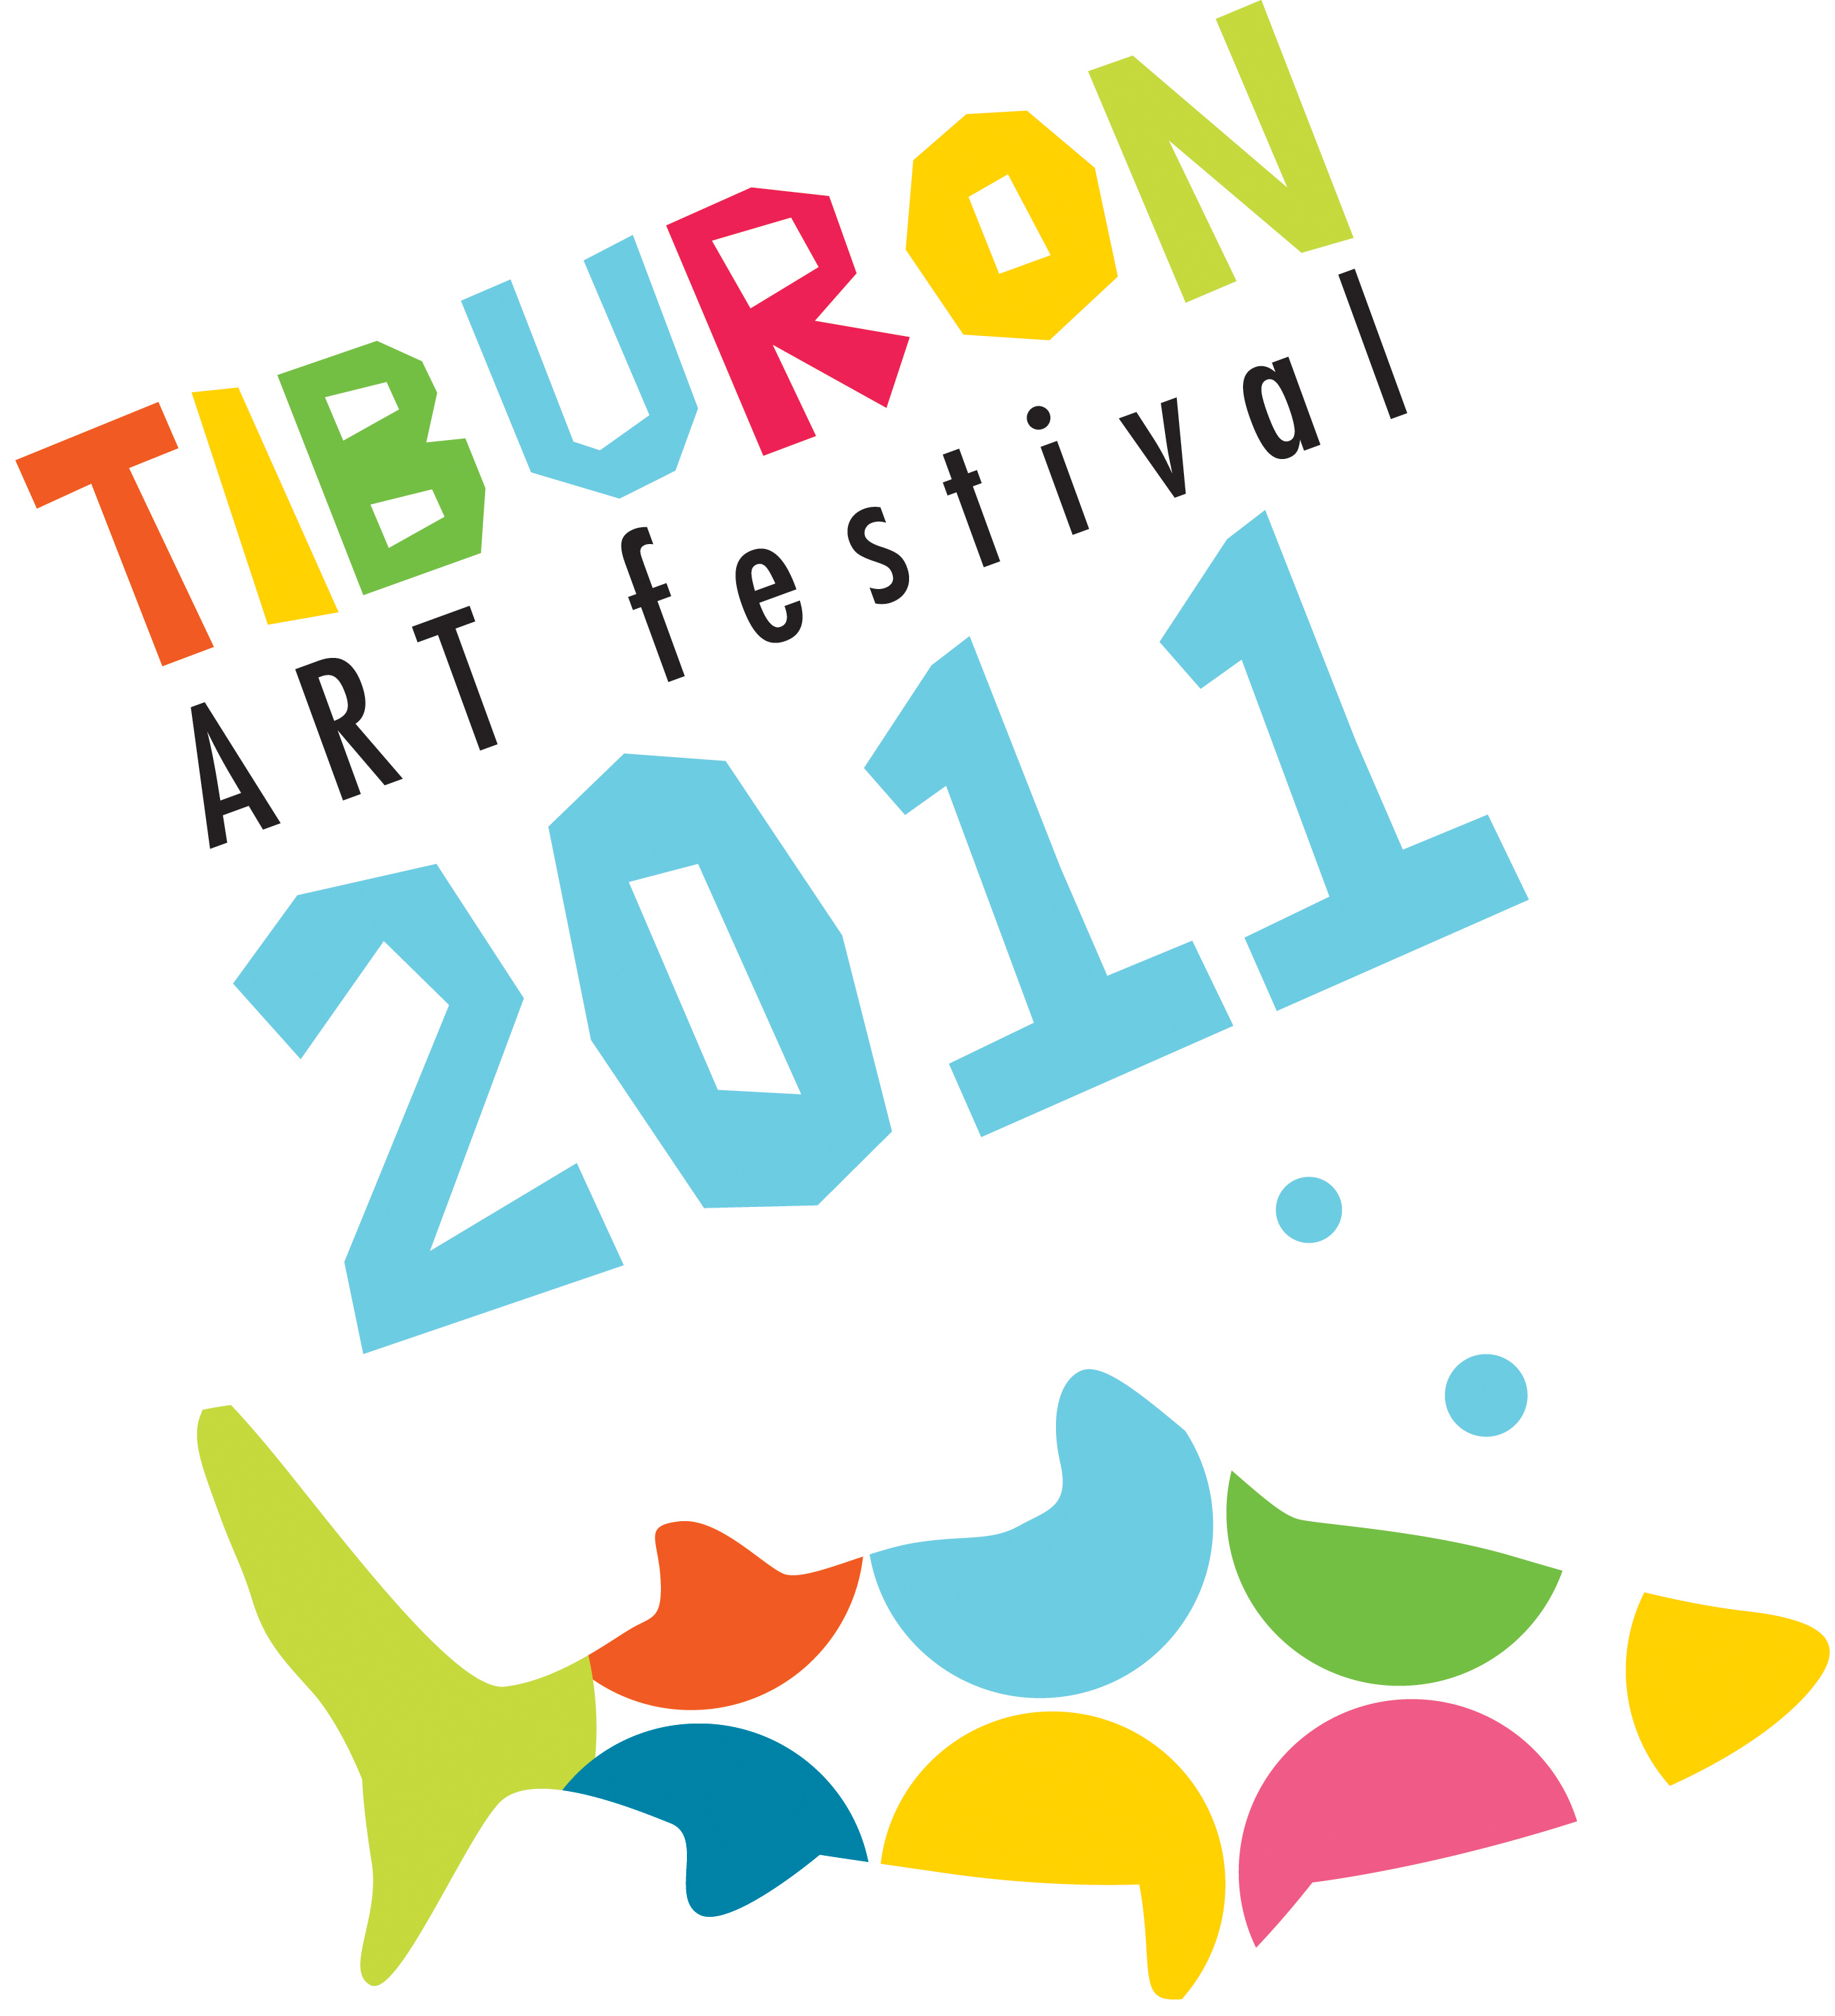 2011 Art Festival